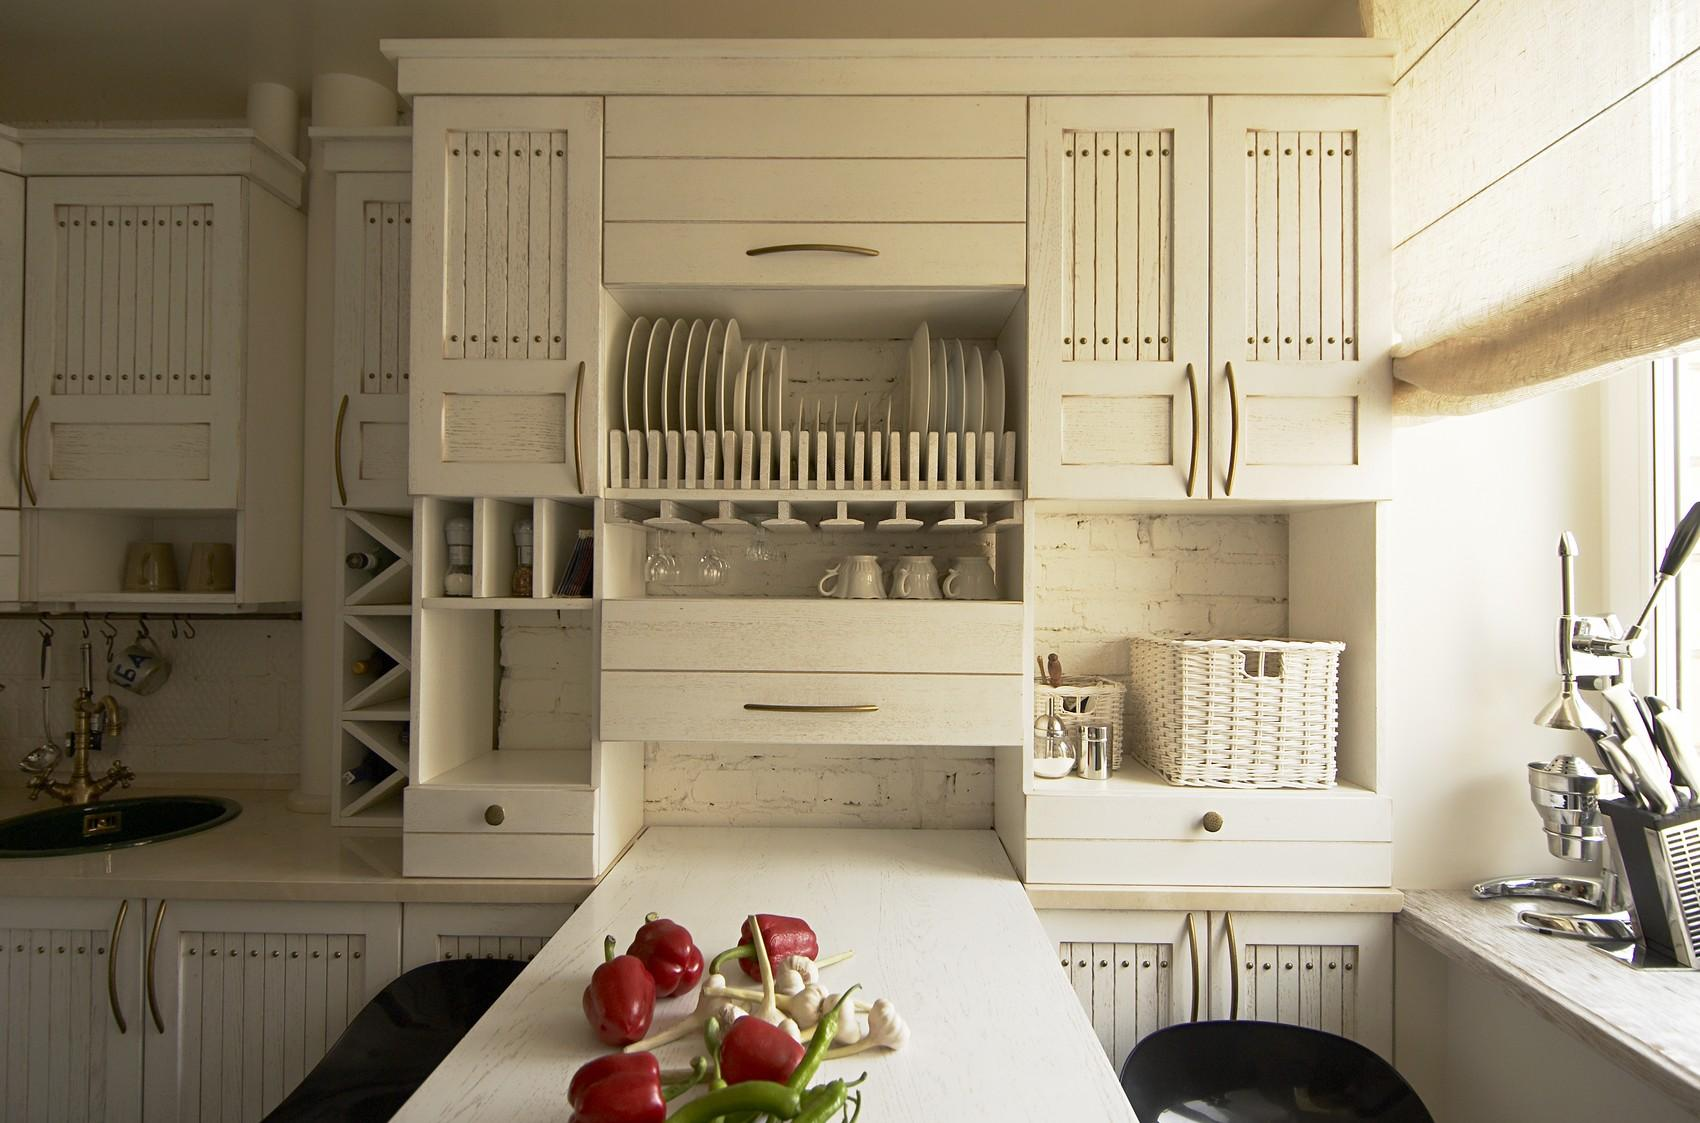 Белый кухонный гарнитур в интерьере кухни